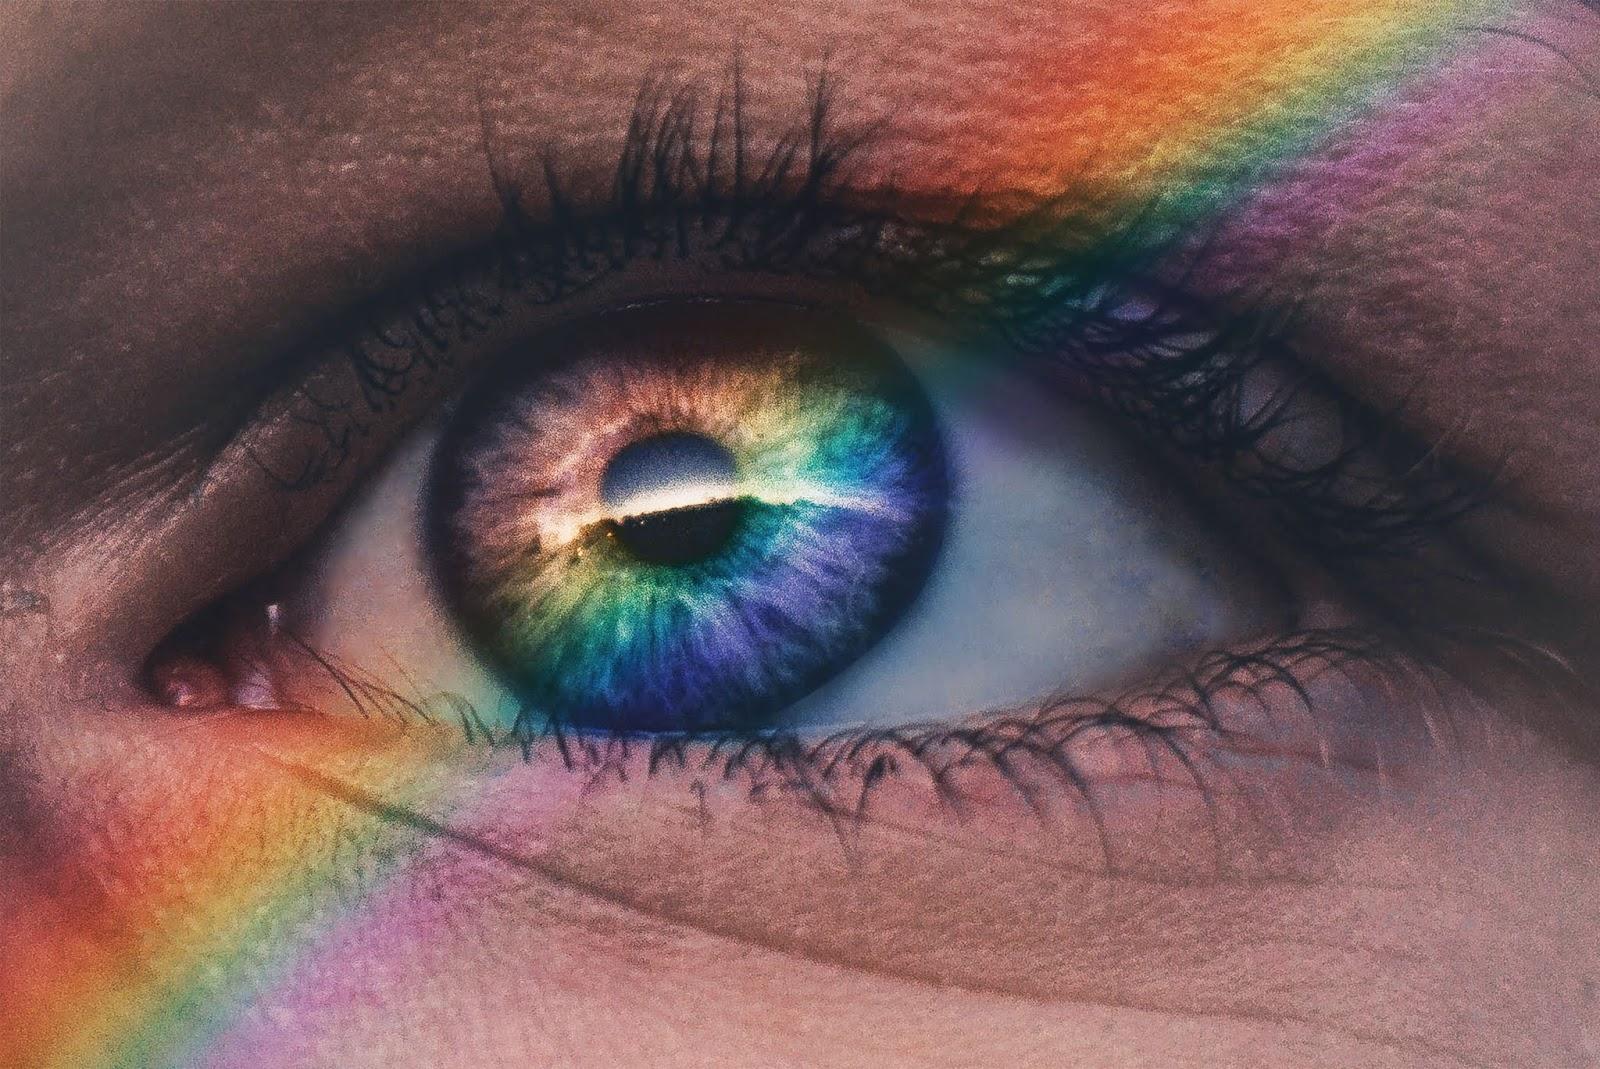 Megelőzné a látásromlást? Kövesse a szabályt! - EgészségKalauz